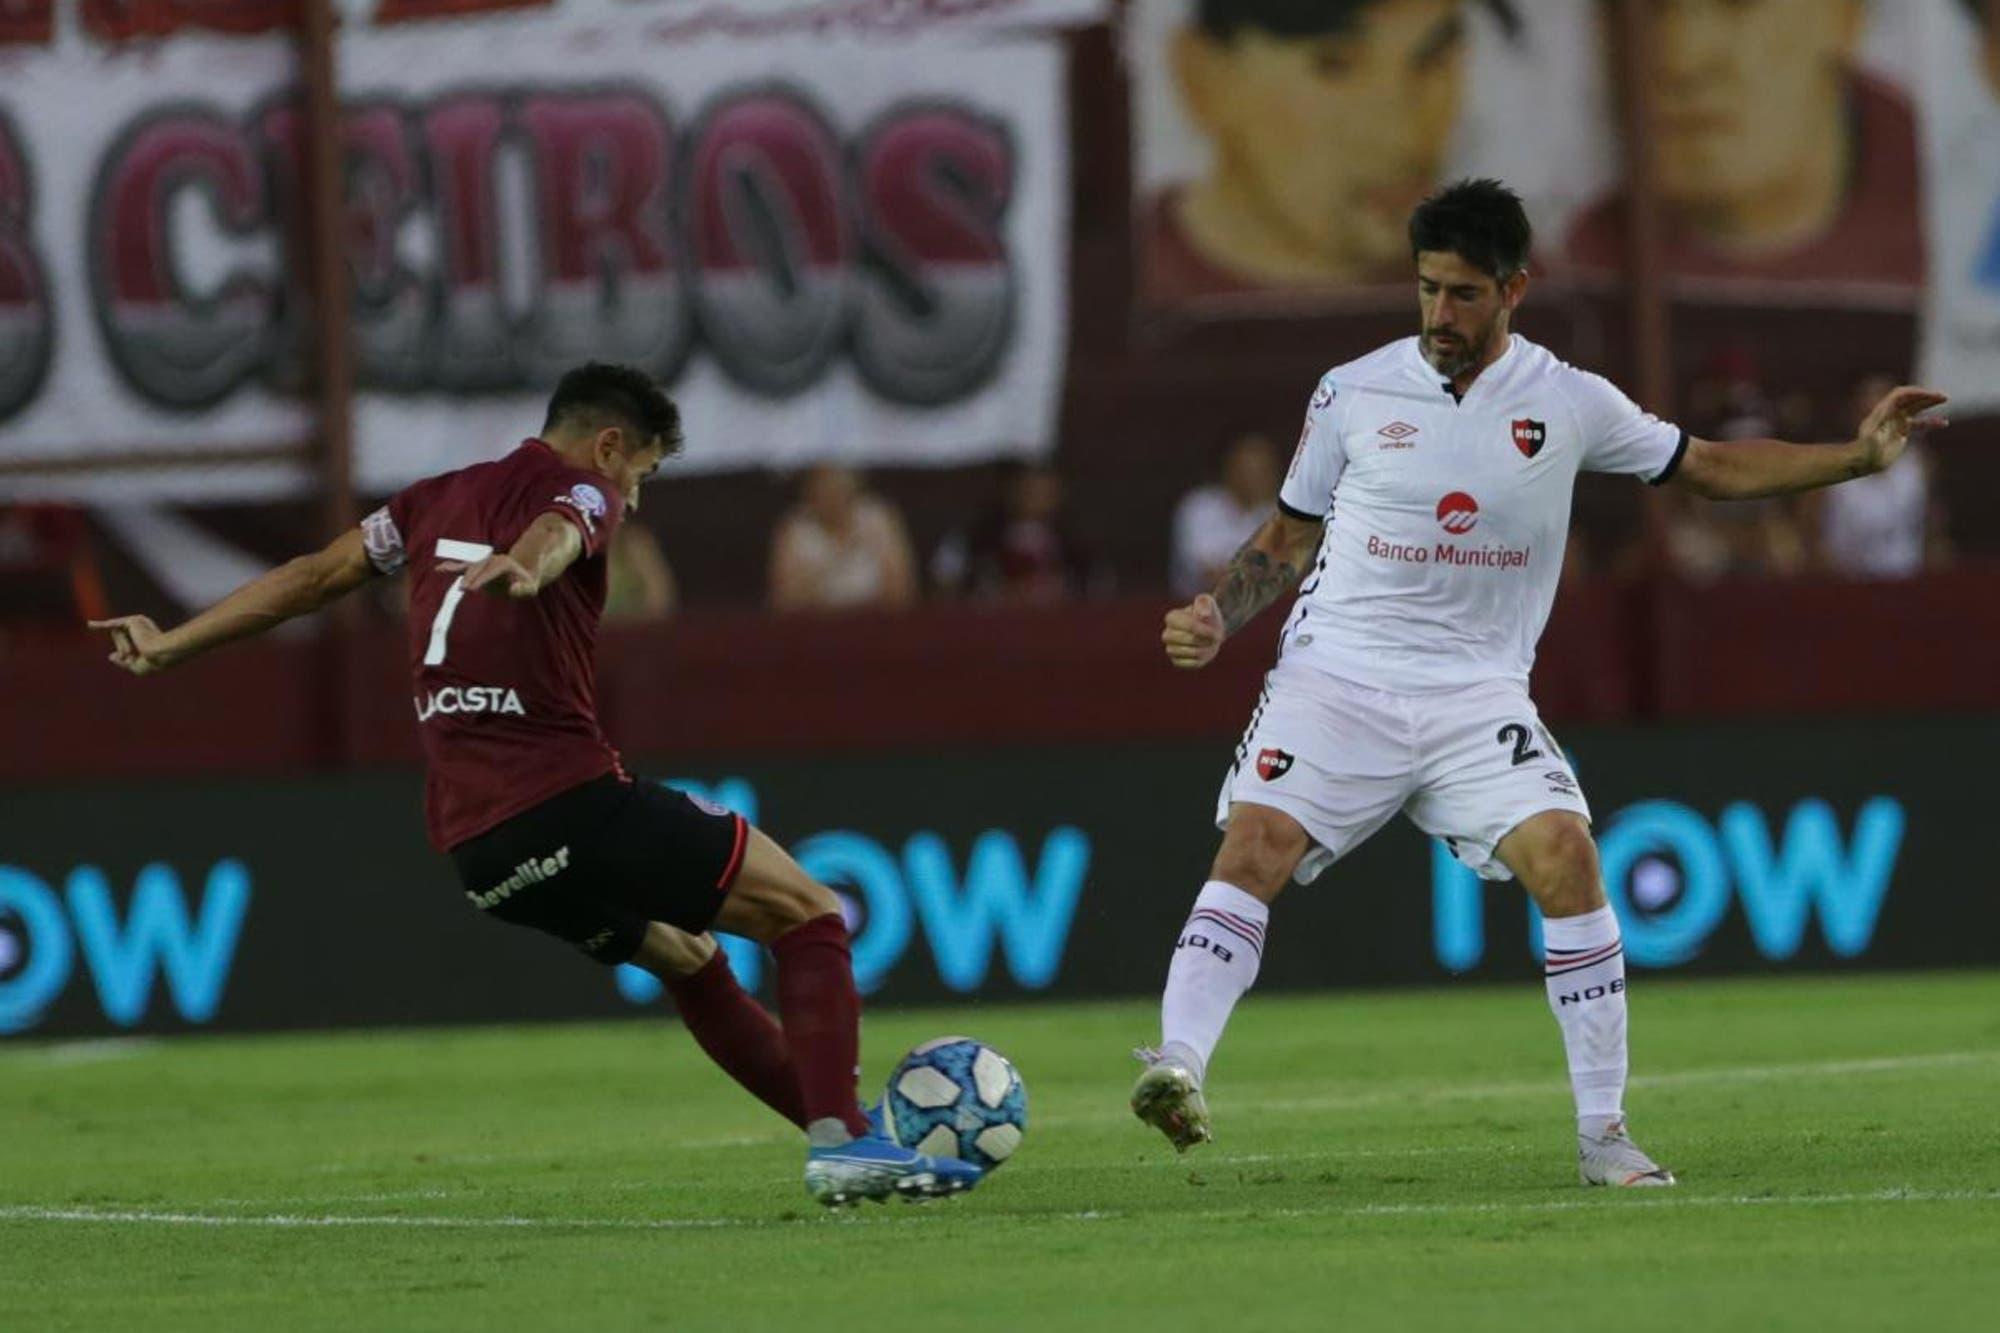 Lanús-Newell's, por la Superliga: los del sur buscan un triunfo que los acerque a la punta